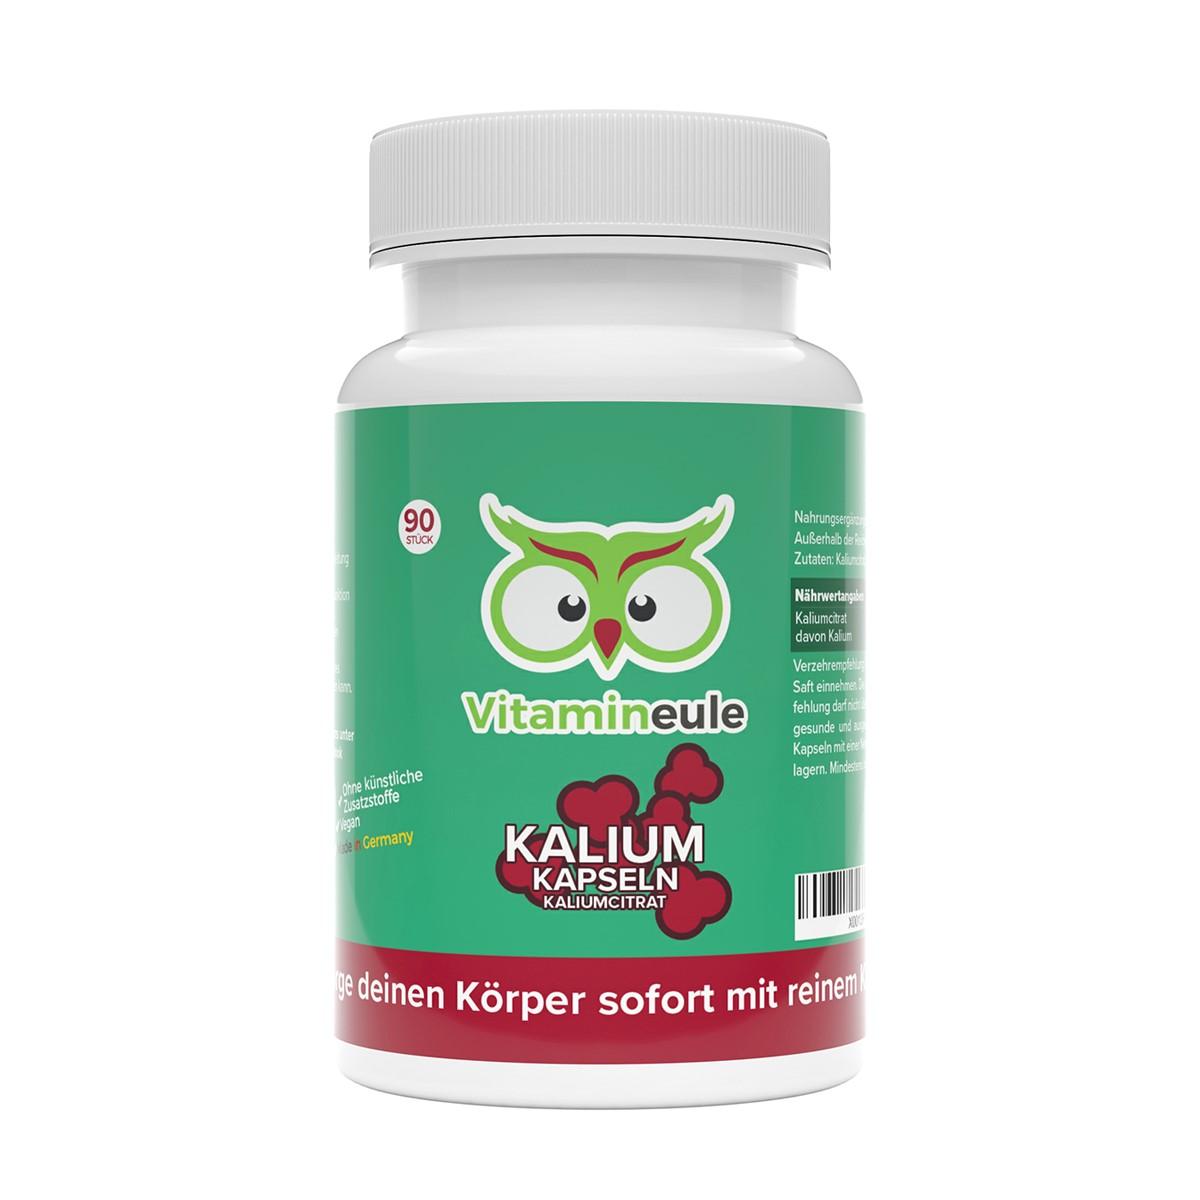 Kalium Kapseln von Vitamineule